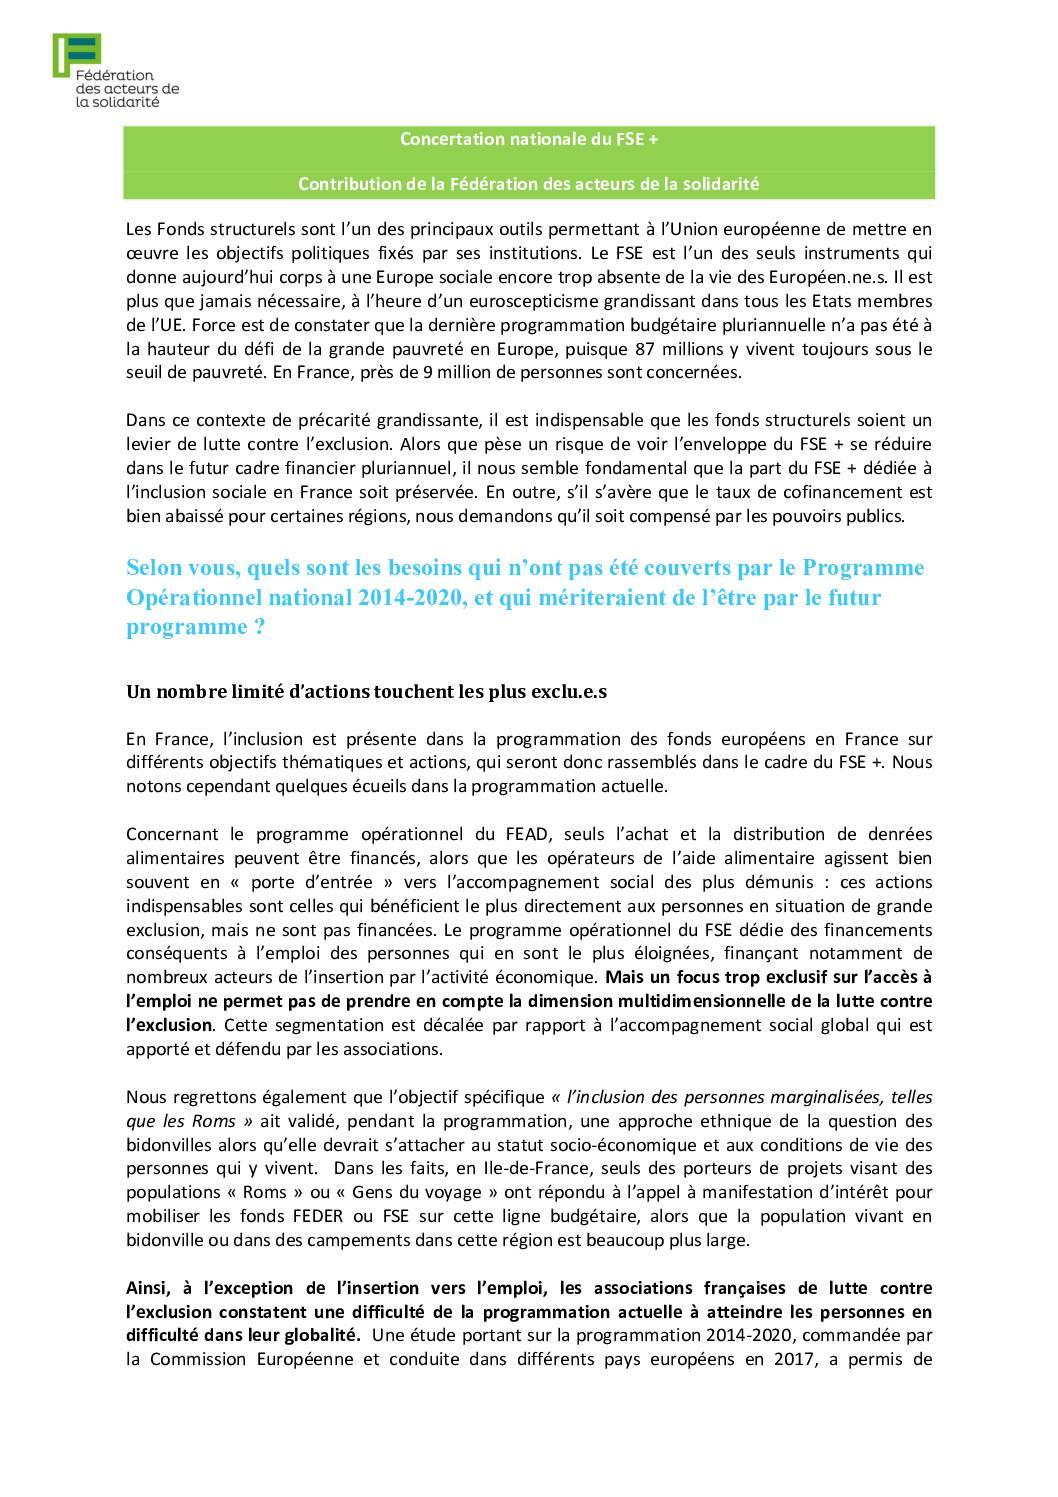 Concertation nationale du FSE + et Contribution de la Fédération des acteurs de la solidarité